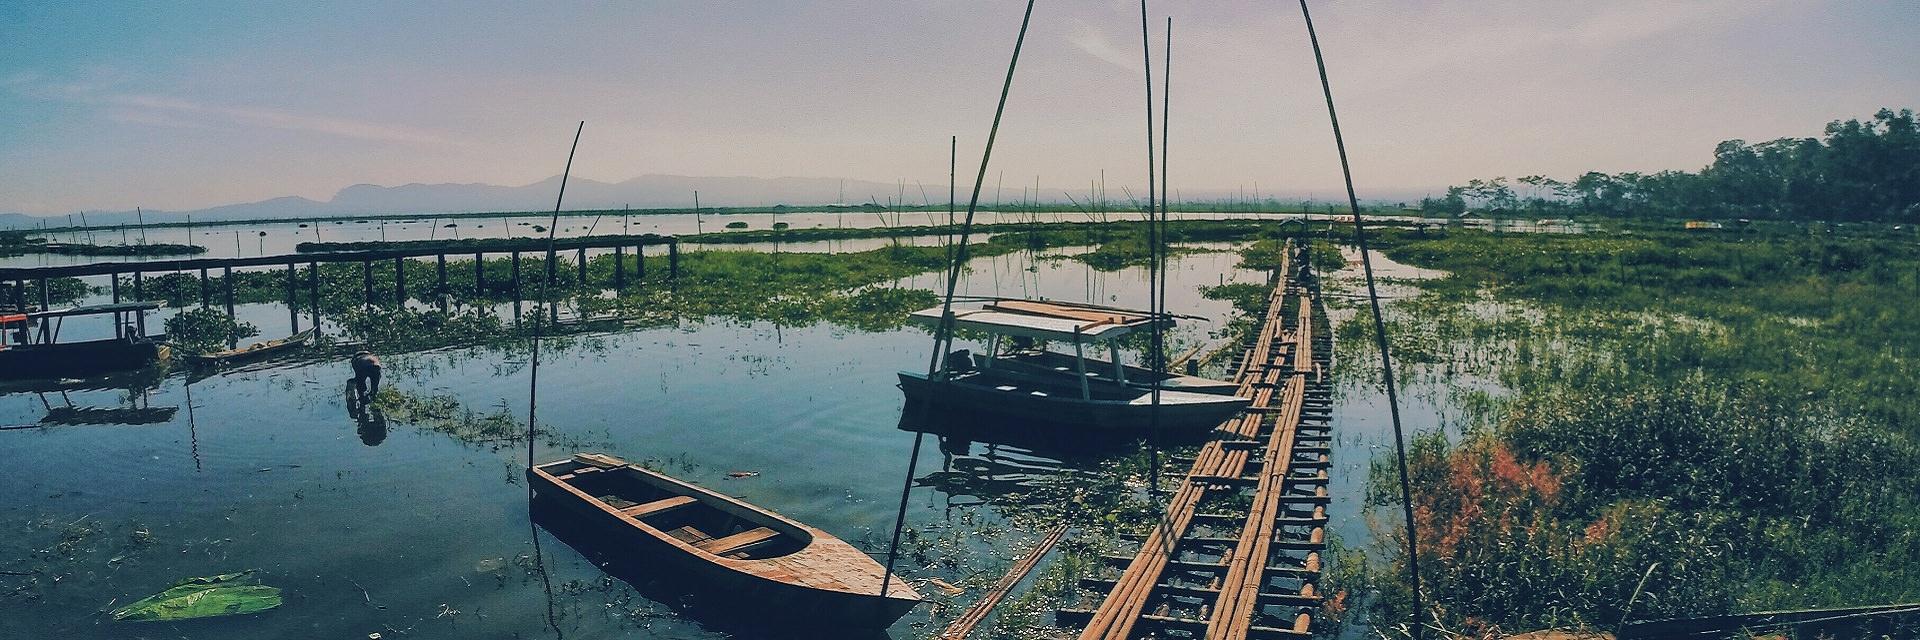 Semarang Folk Photography Ini Dia 10 Tempat Wisata di Semarang Untuk Folk Photography - Dolan Dolen